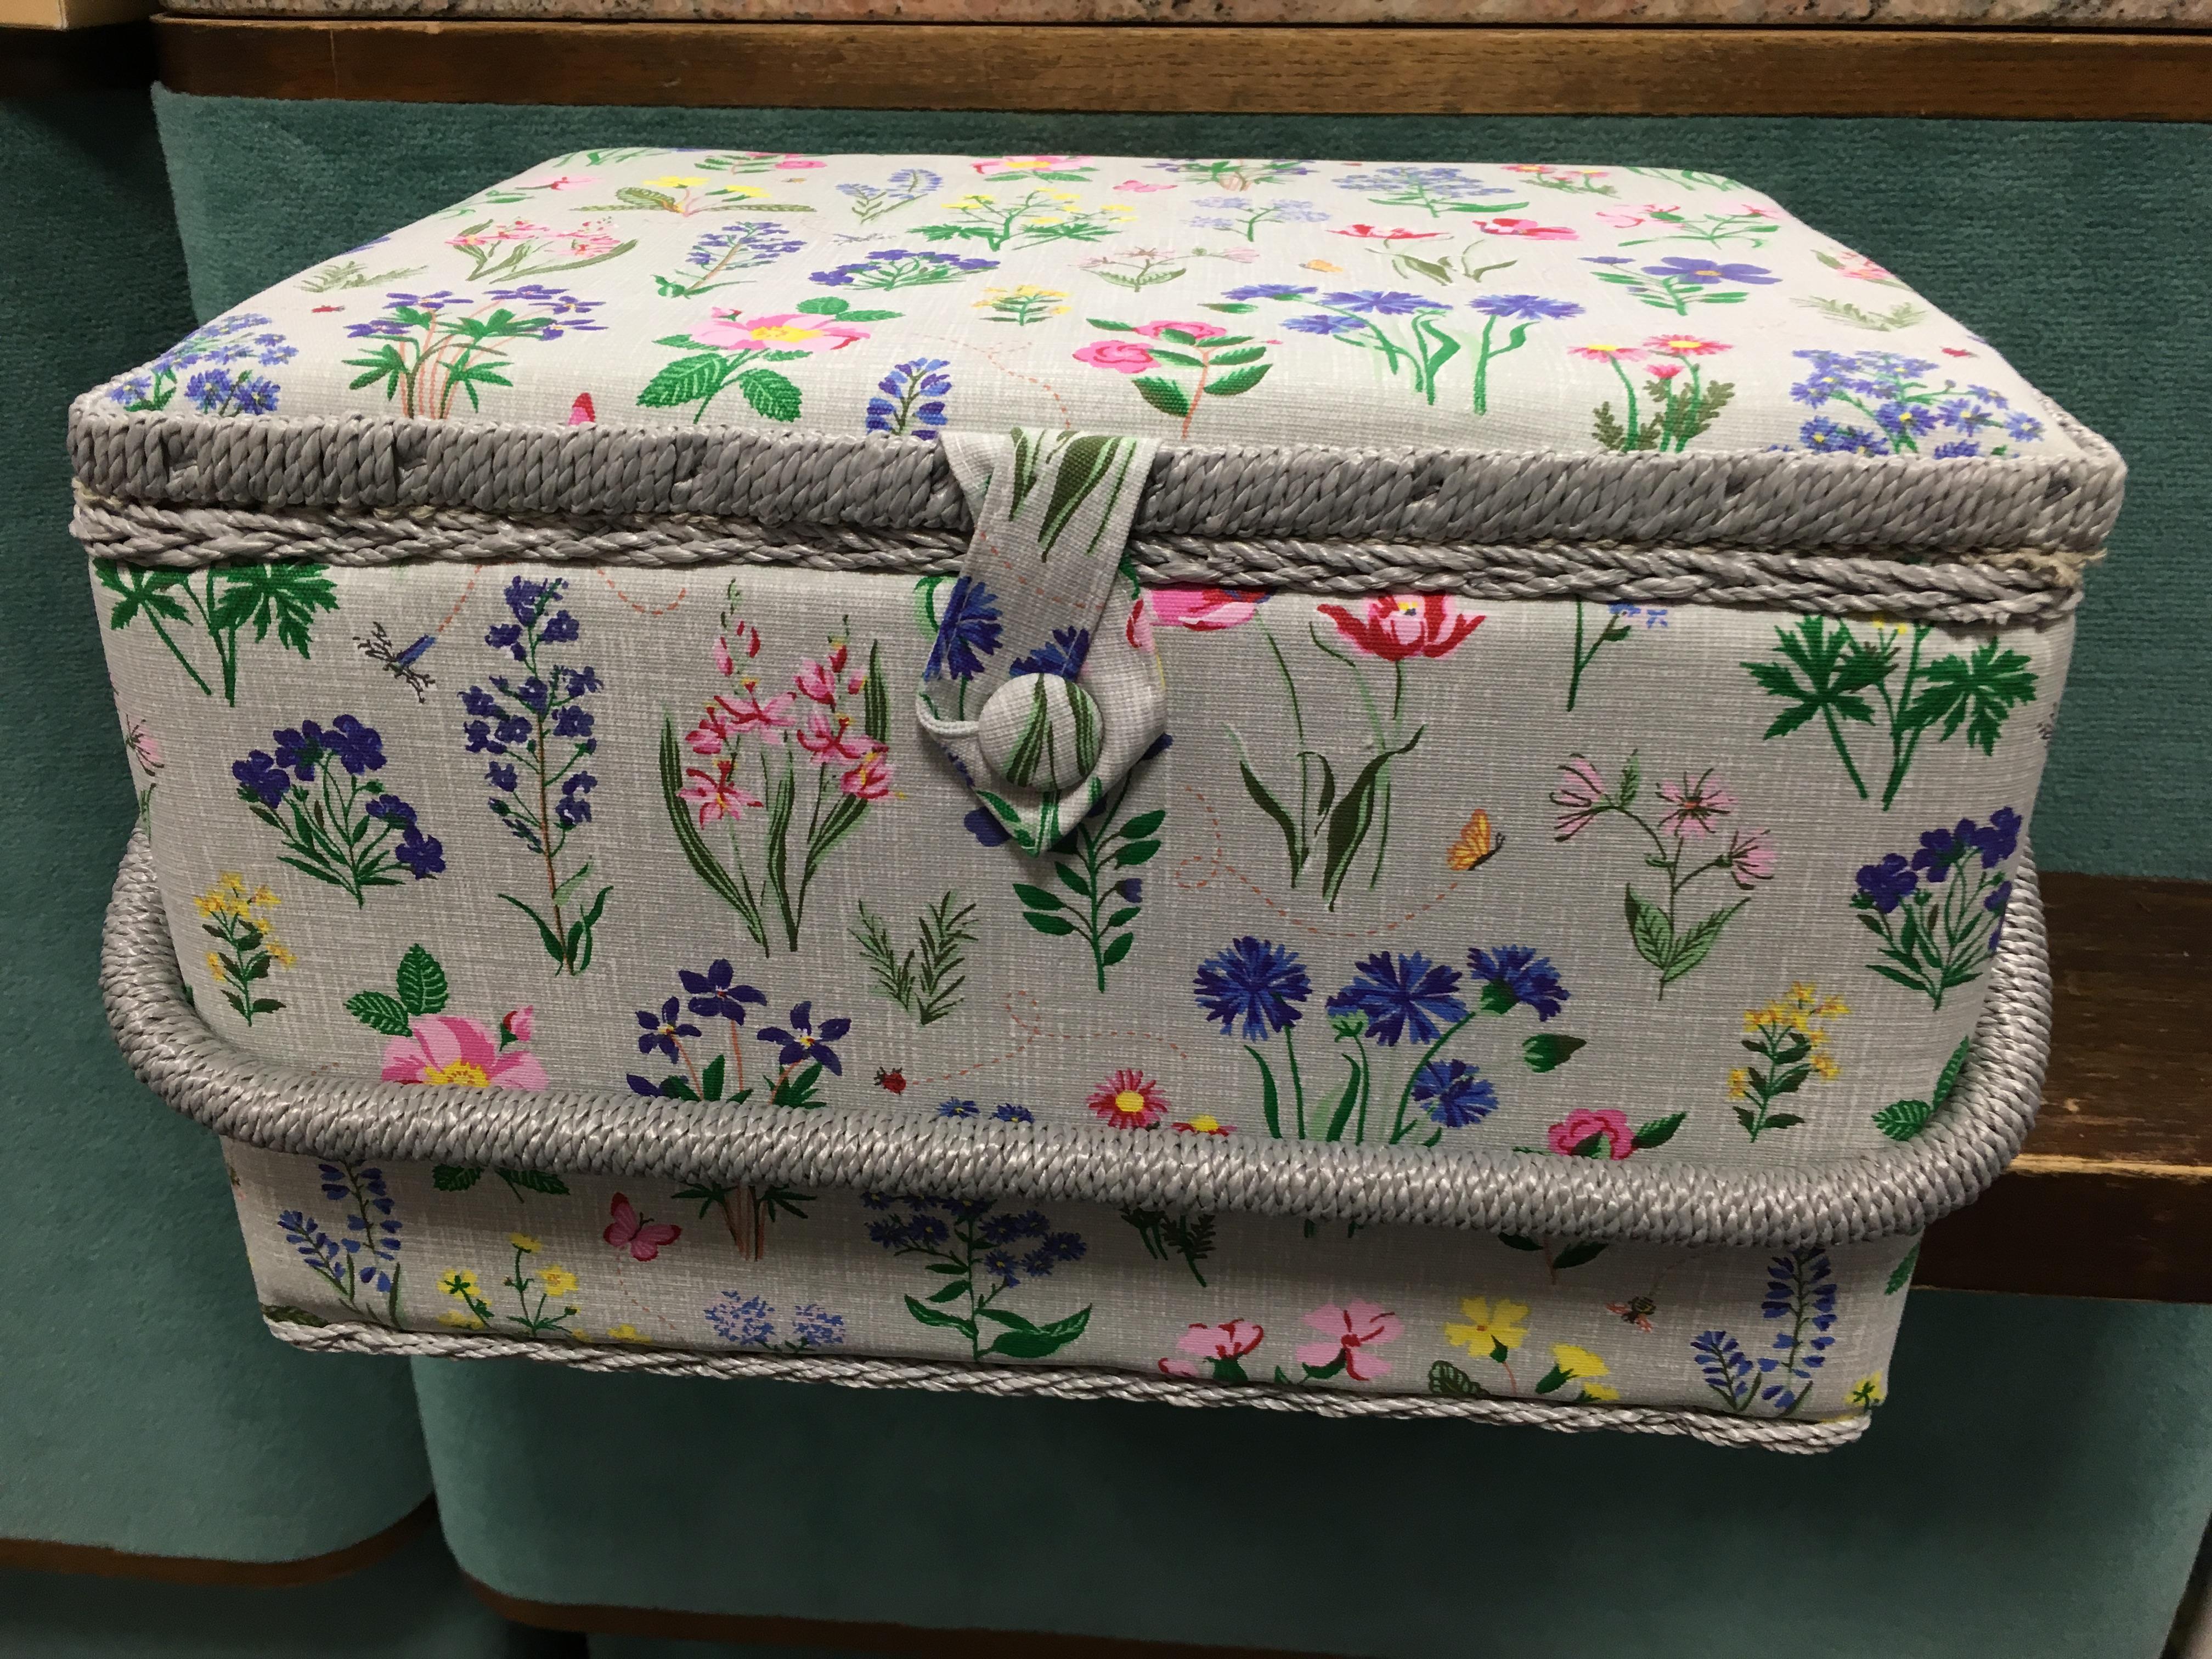 košík na šicí potřeby jarní zahrada L